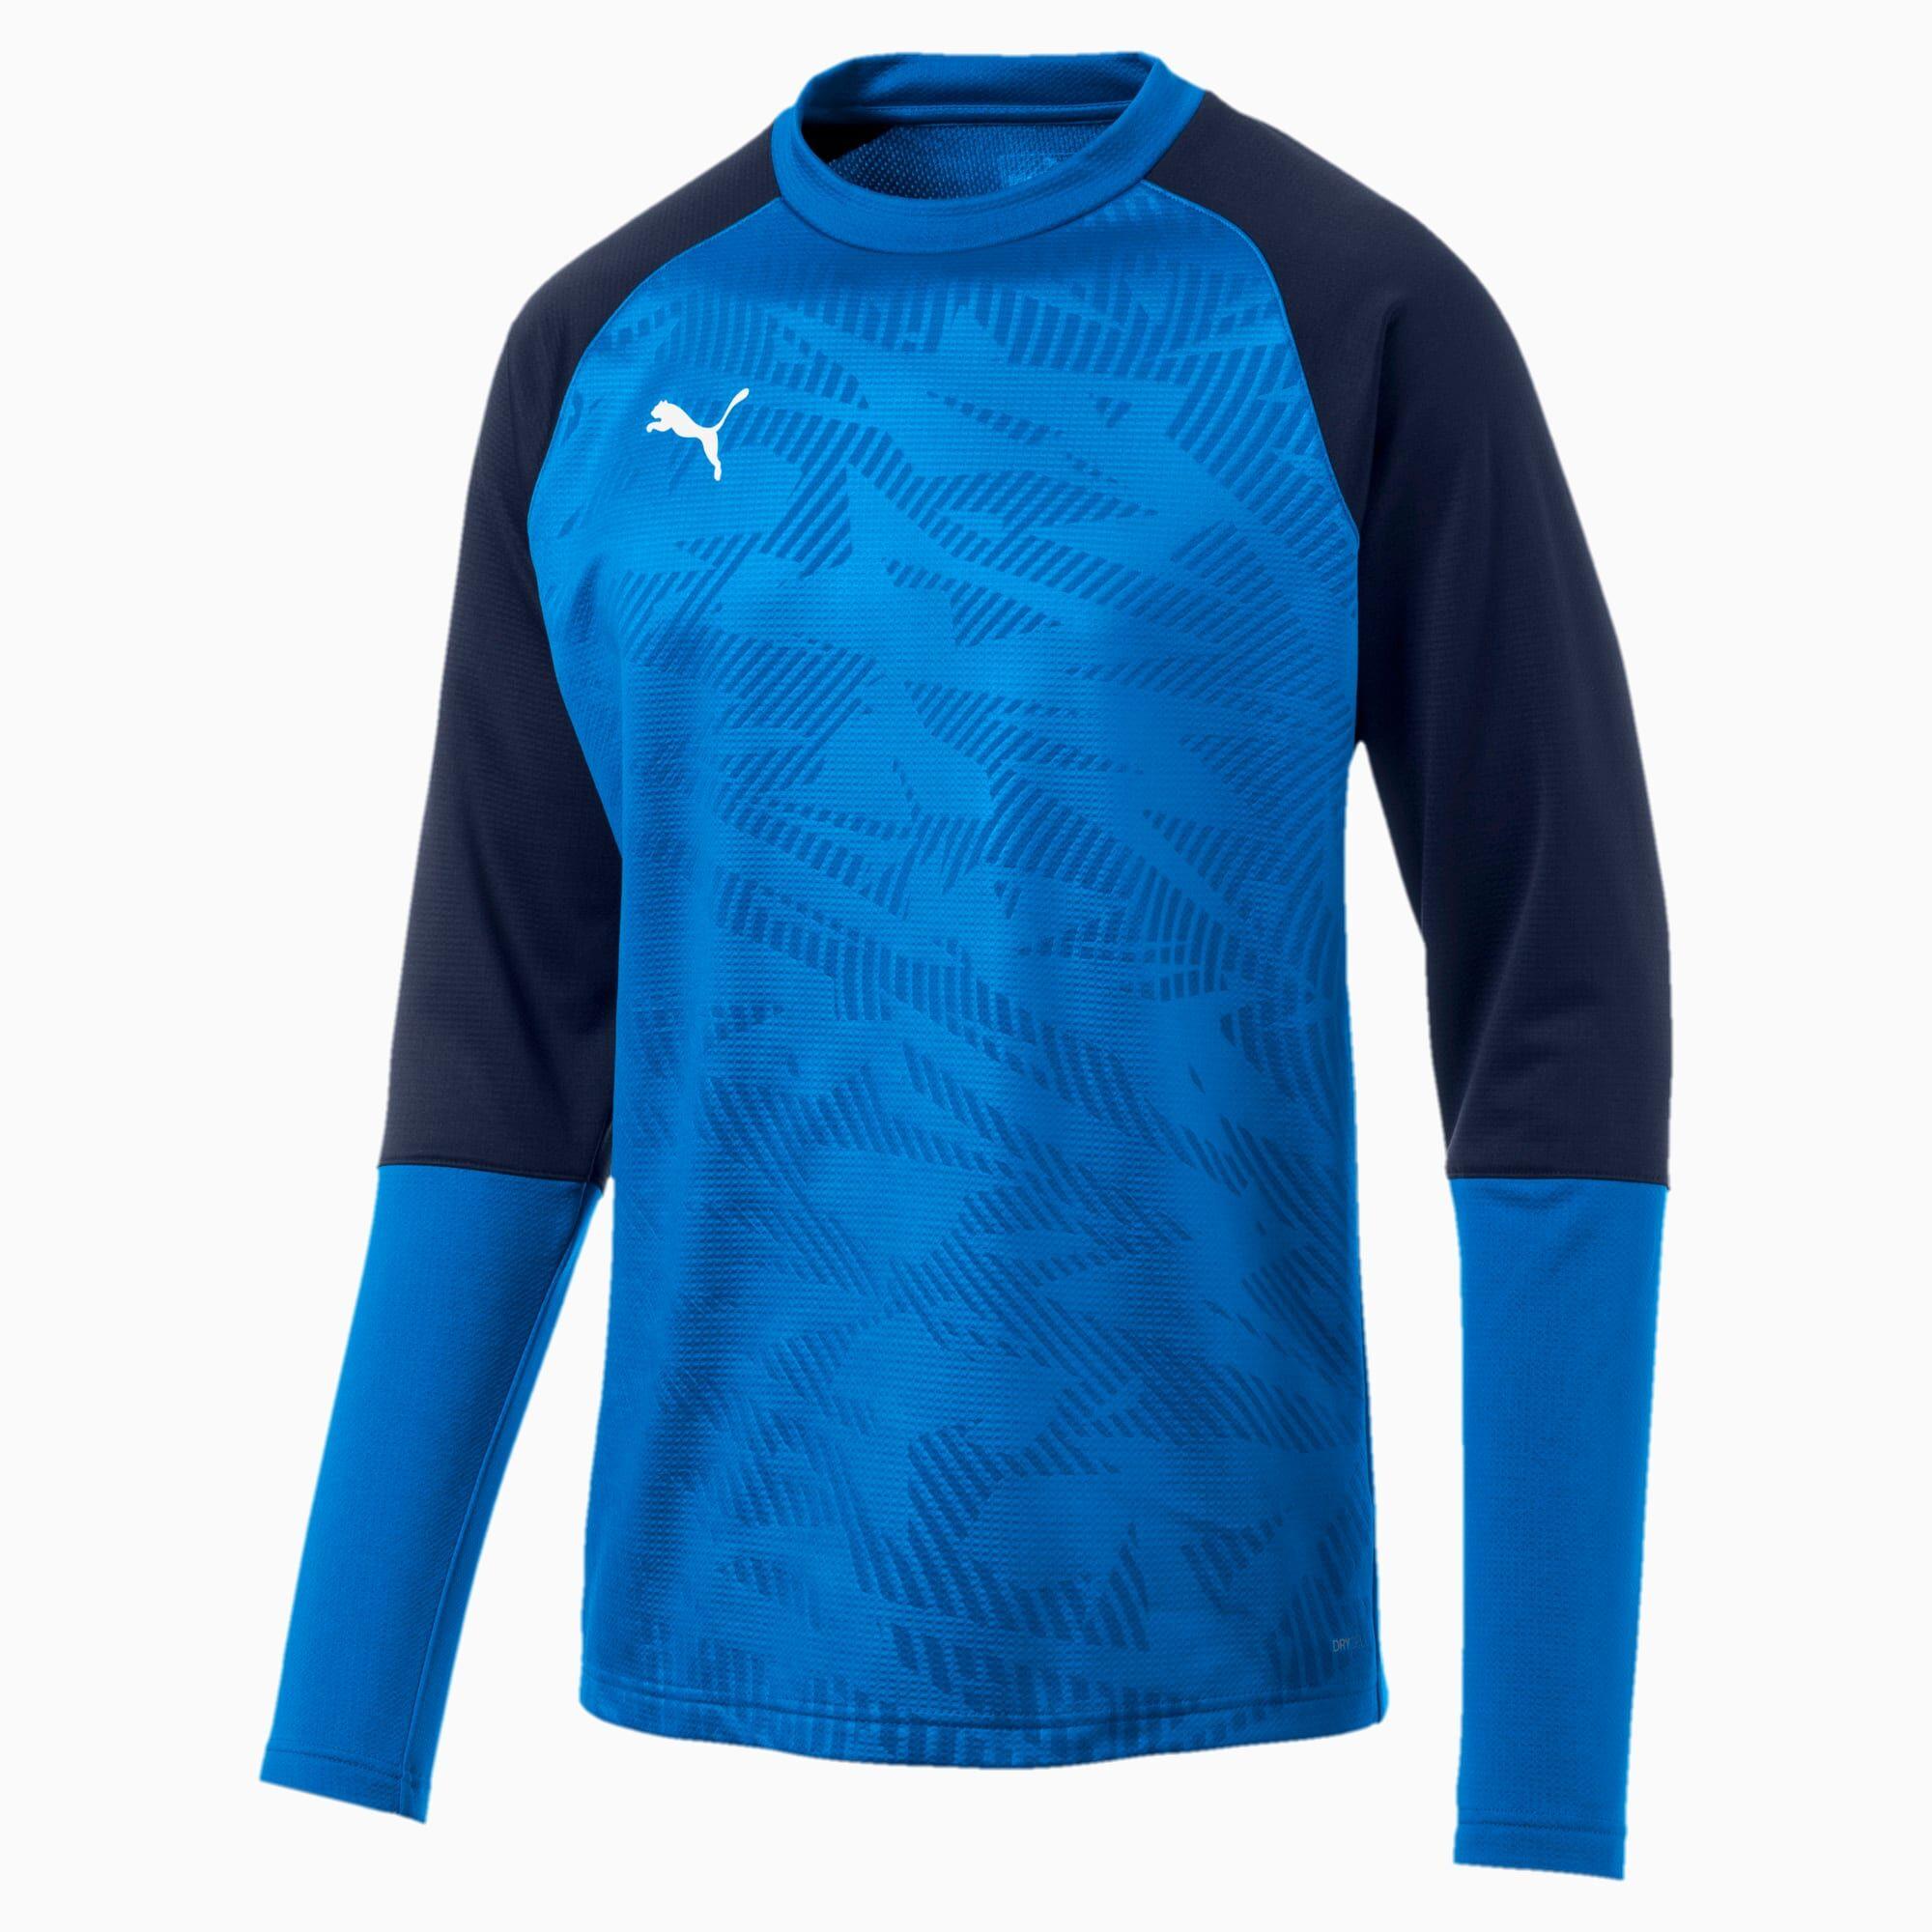 PUMA Sweat de football CUP Training Core pour Homme, Bleu, Taille XS, Vêtements